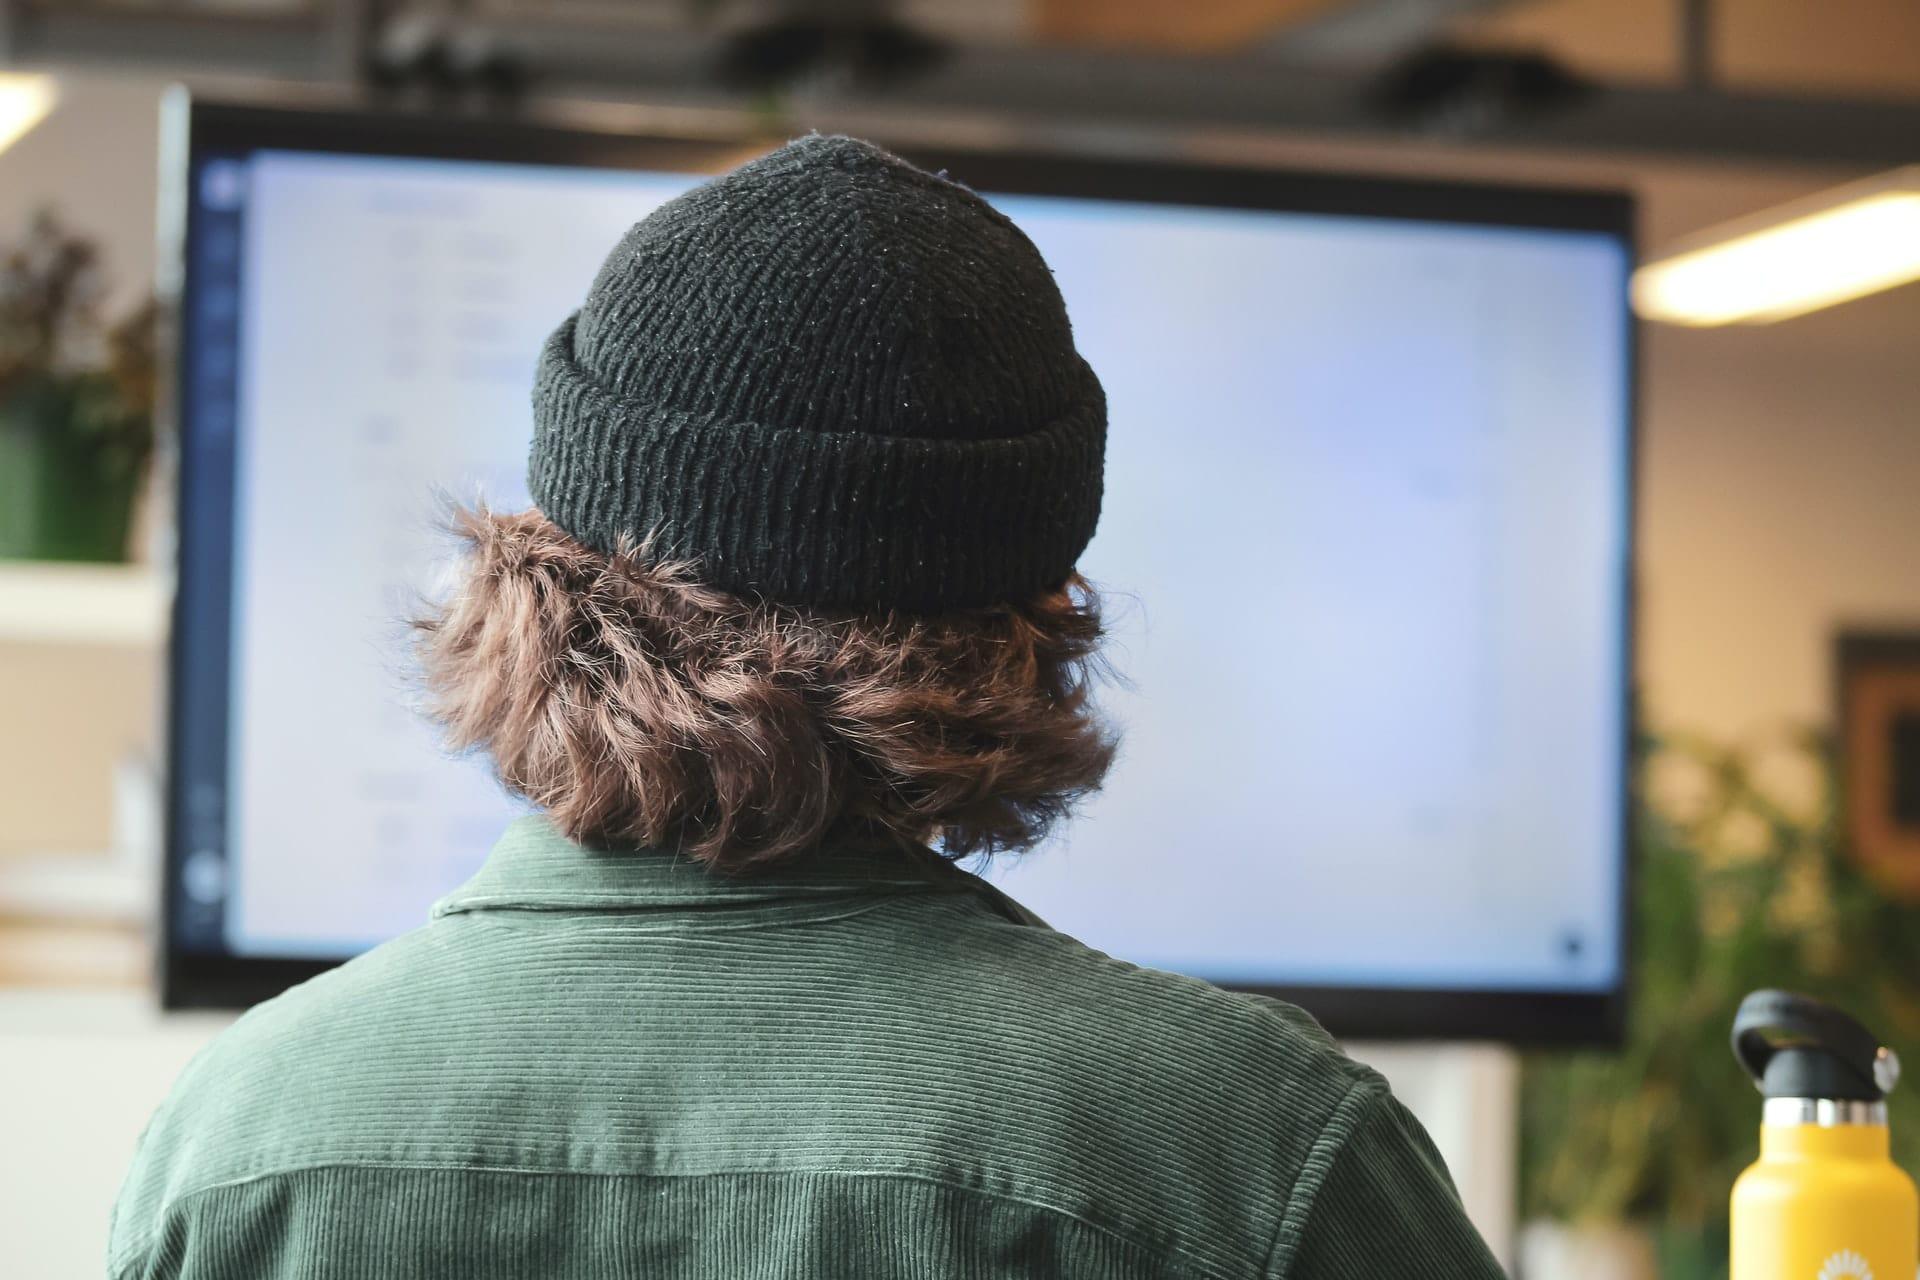 Man looking at monitor